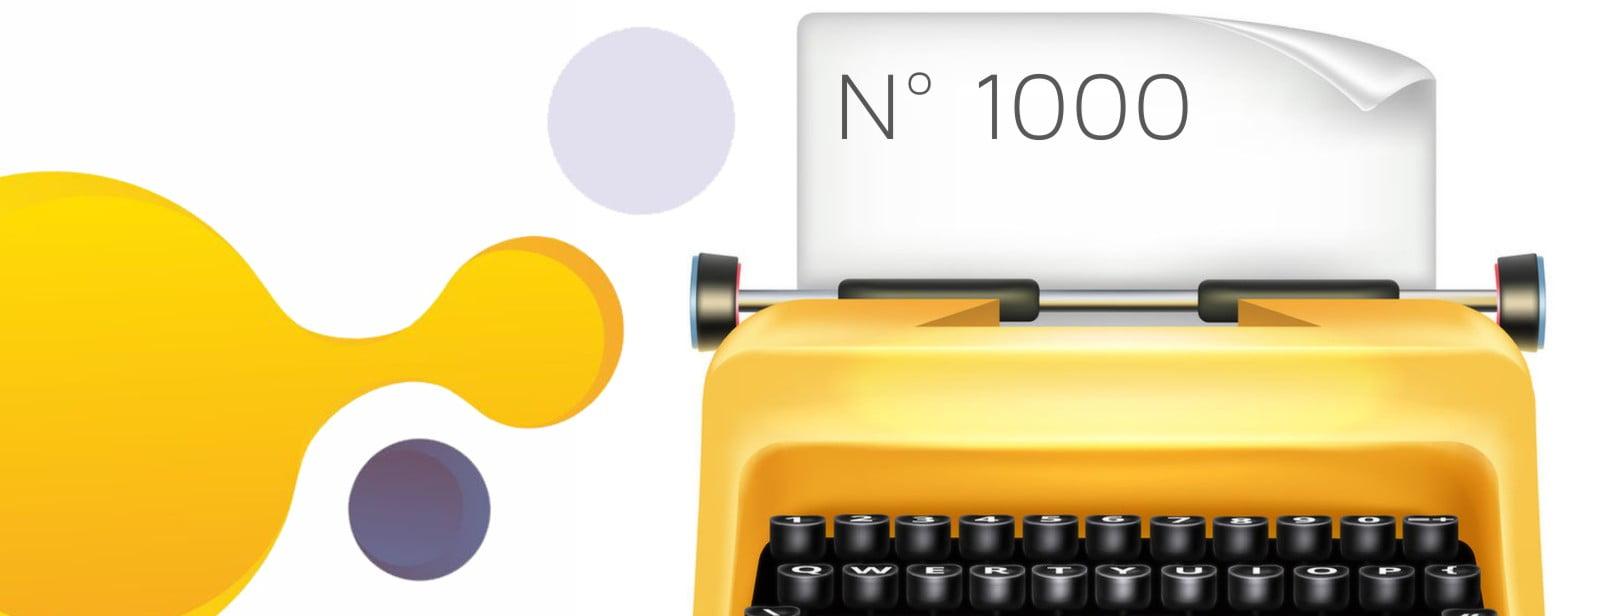 1000 articles sur le blog création et évolution !